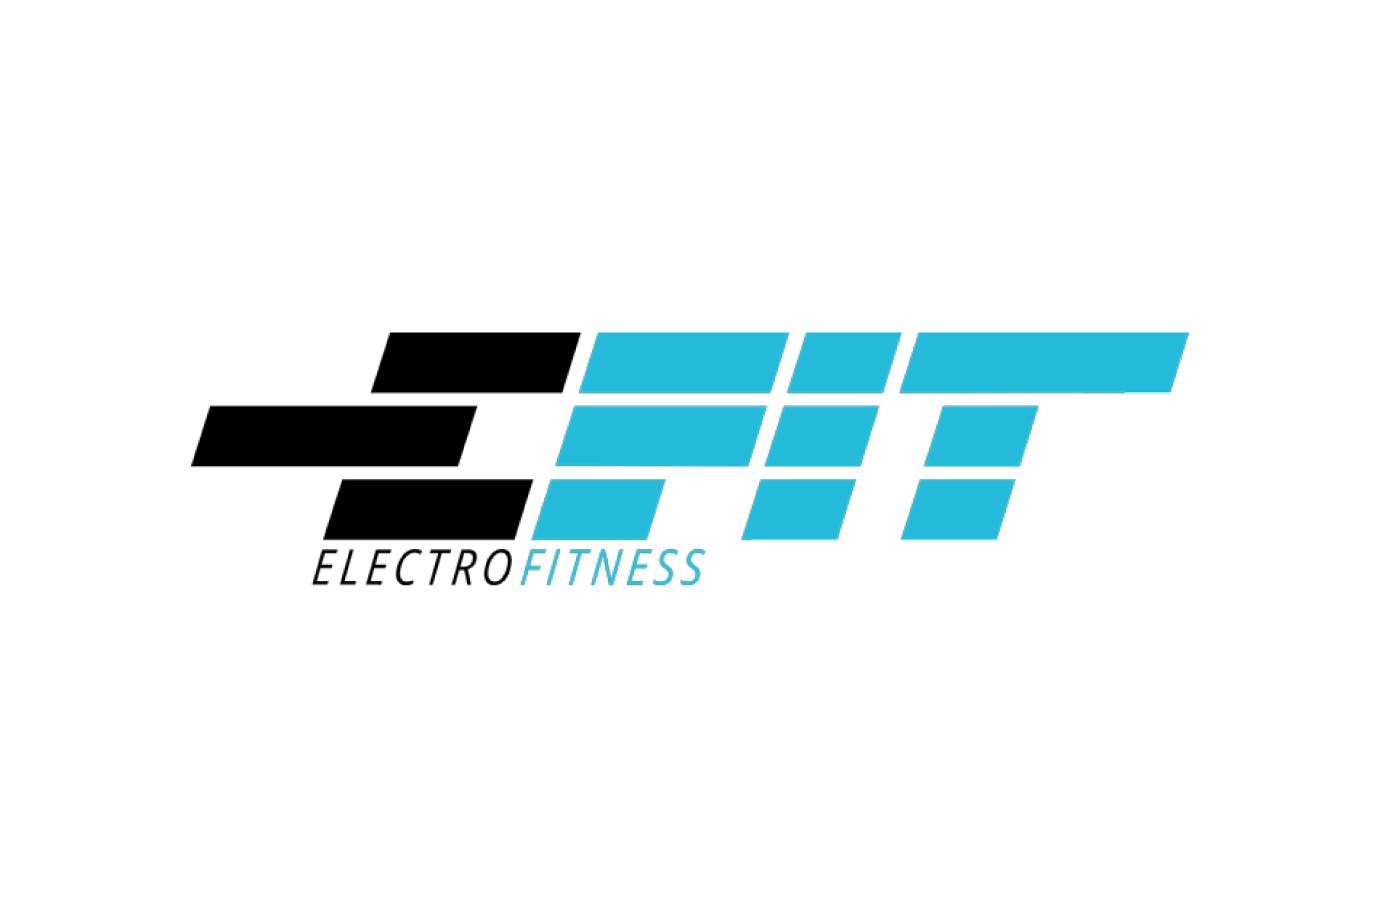 EFIT-13